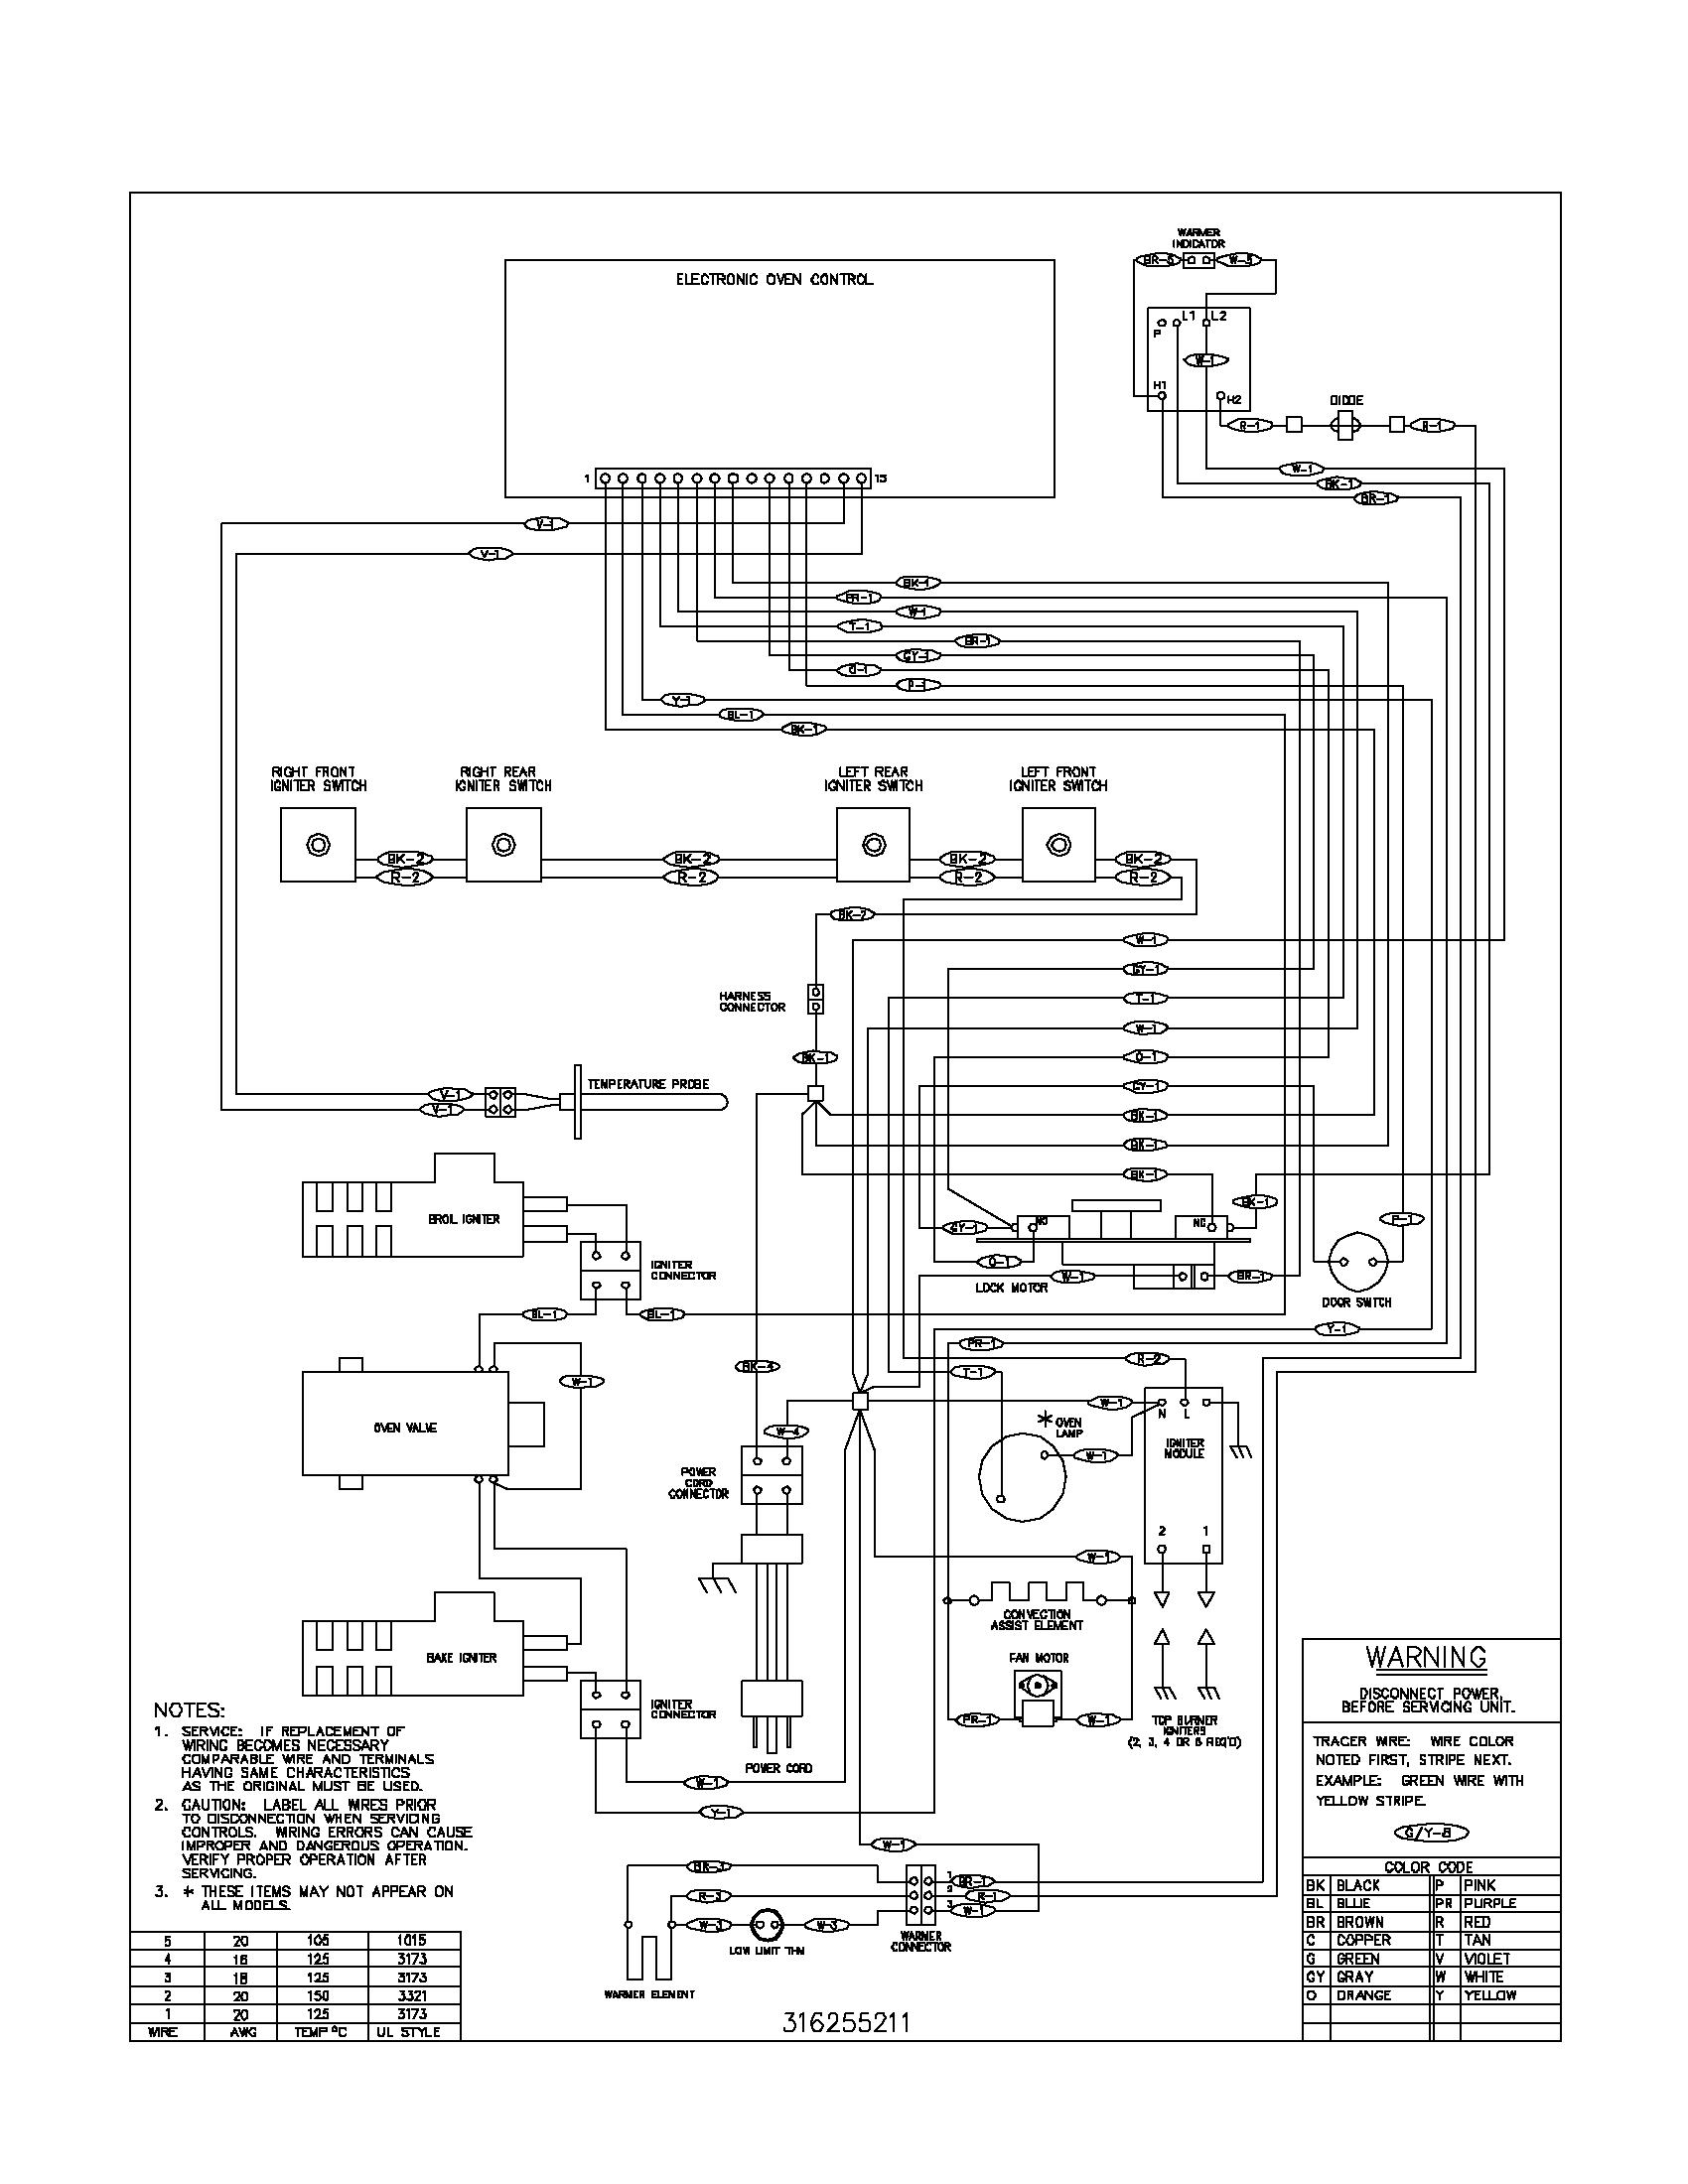 [SCHEMATICS_43NM]  Kubota M6800 Wiring Diagram - Fuse Box On Motorcycle for Wiring Diagram  Schematics | Kubota M6800 Wiring Diagram |  | Wiring Diagram Schematics